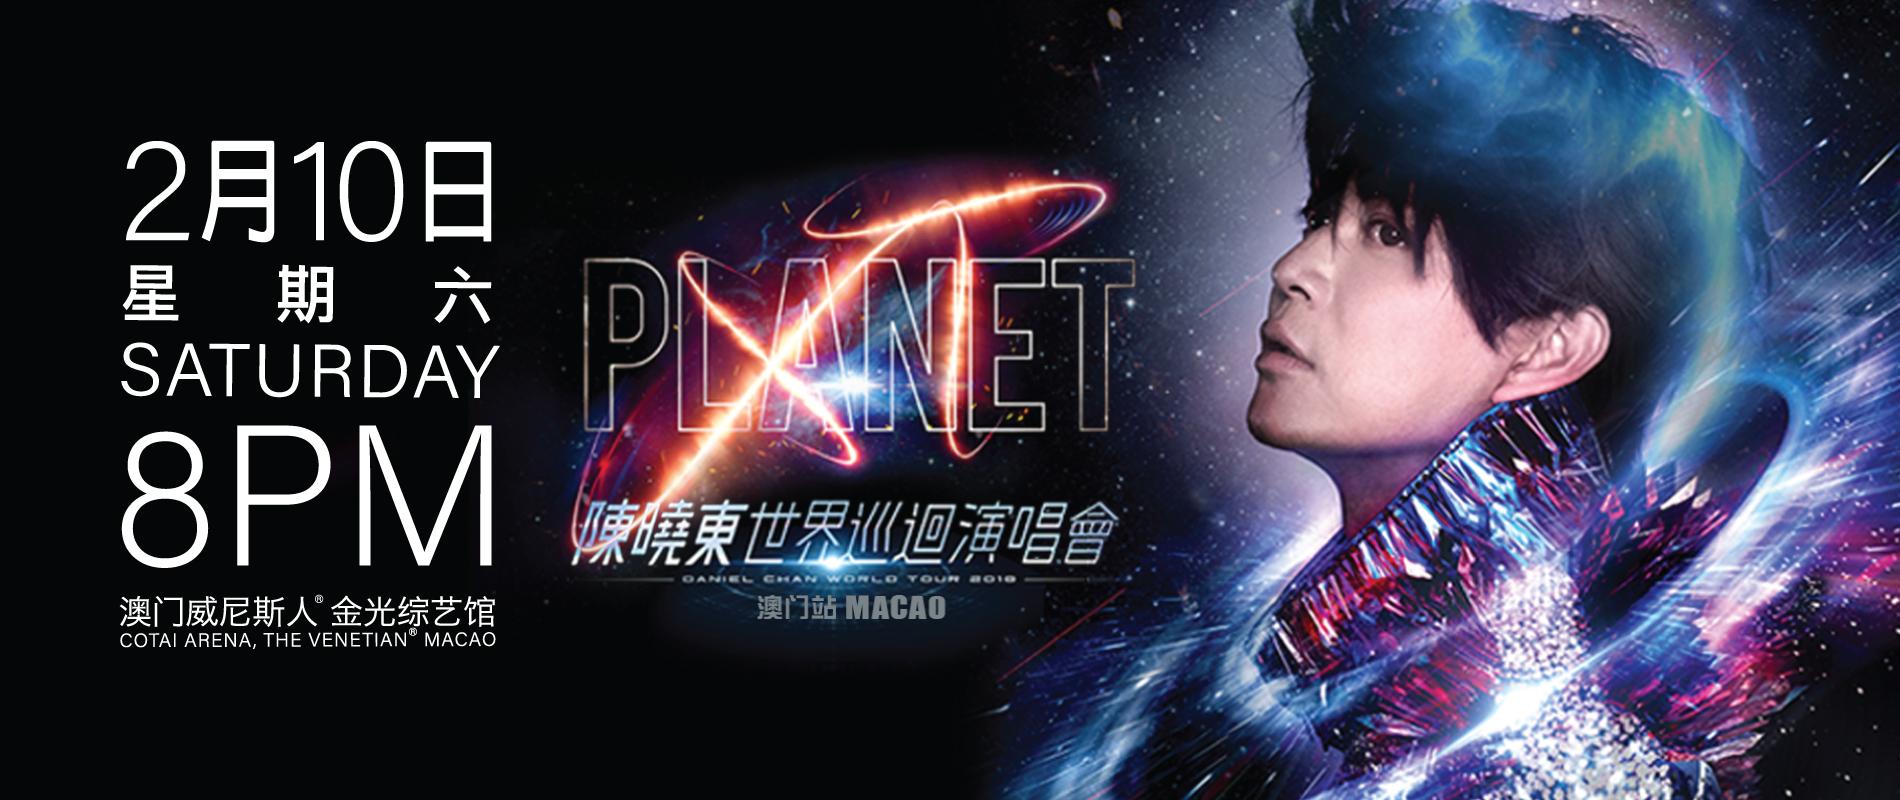 陈晓东世界巡回演唱会2018 澳门站